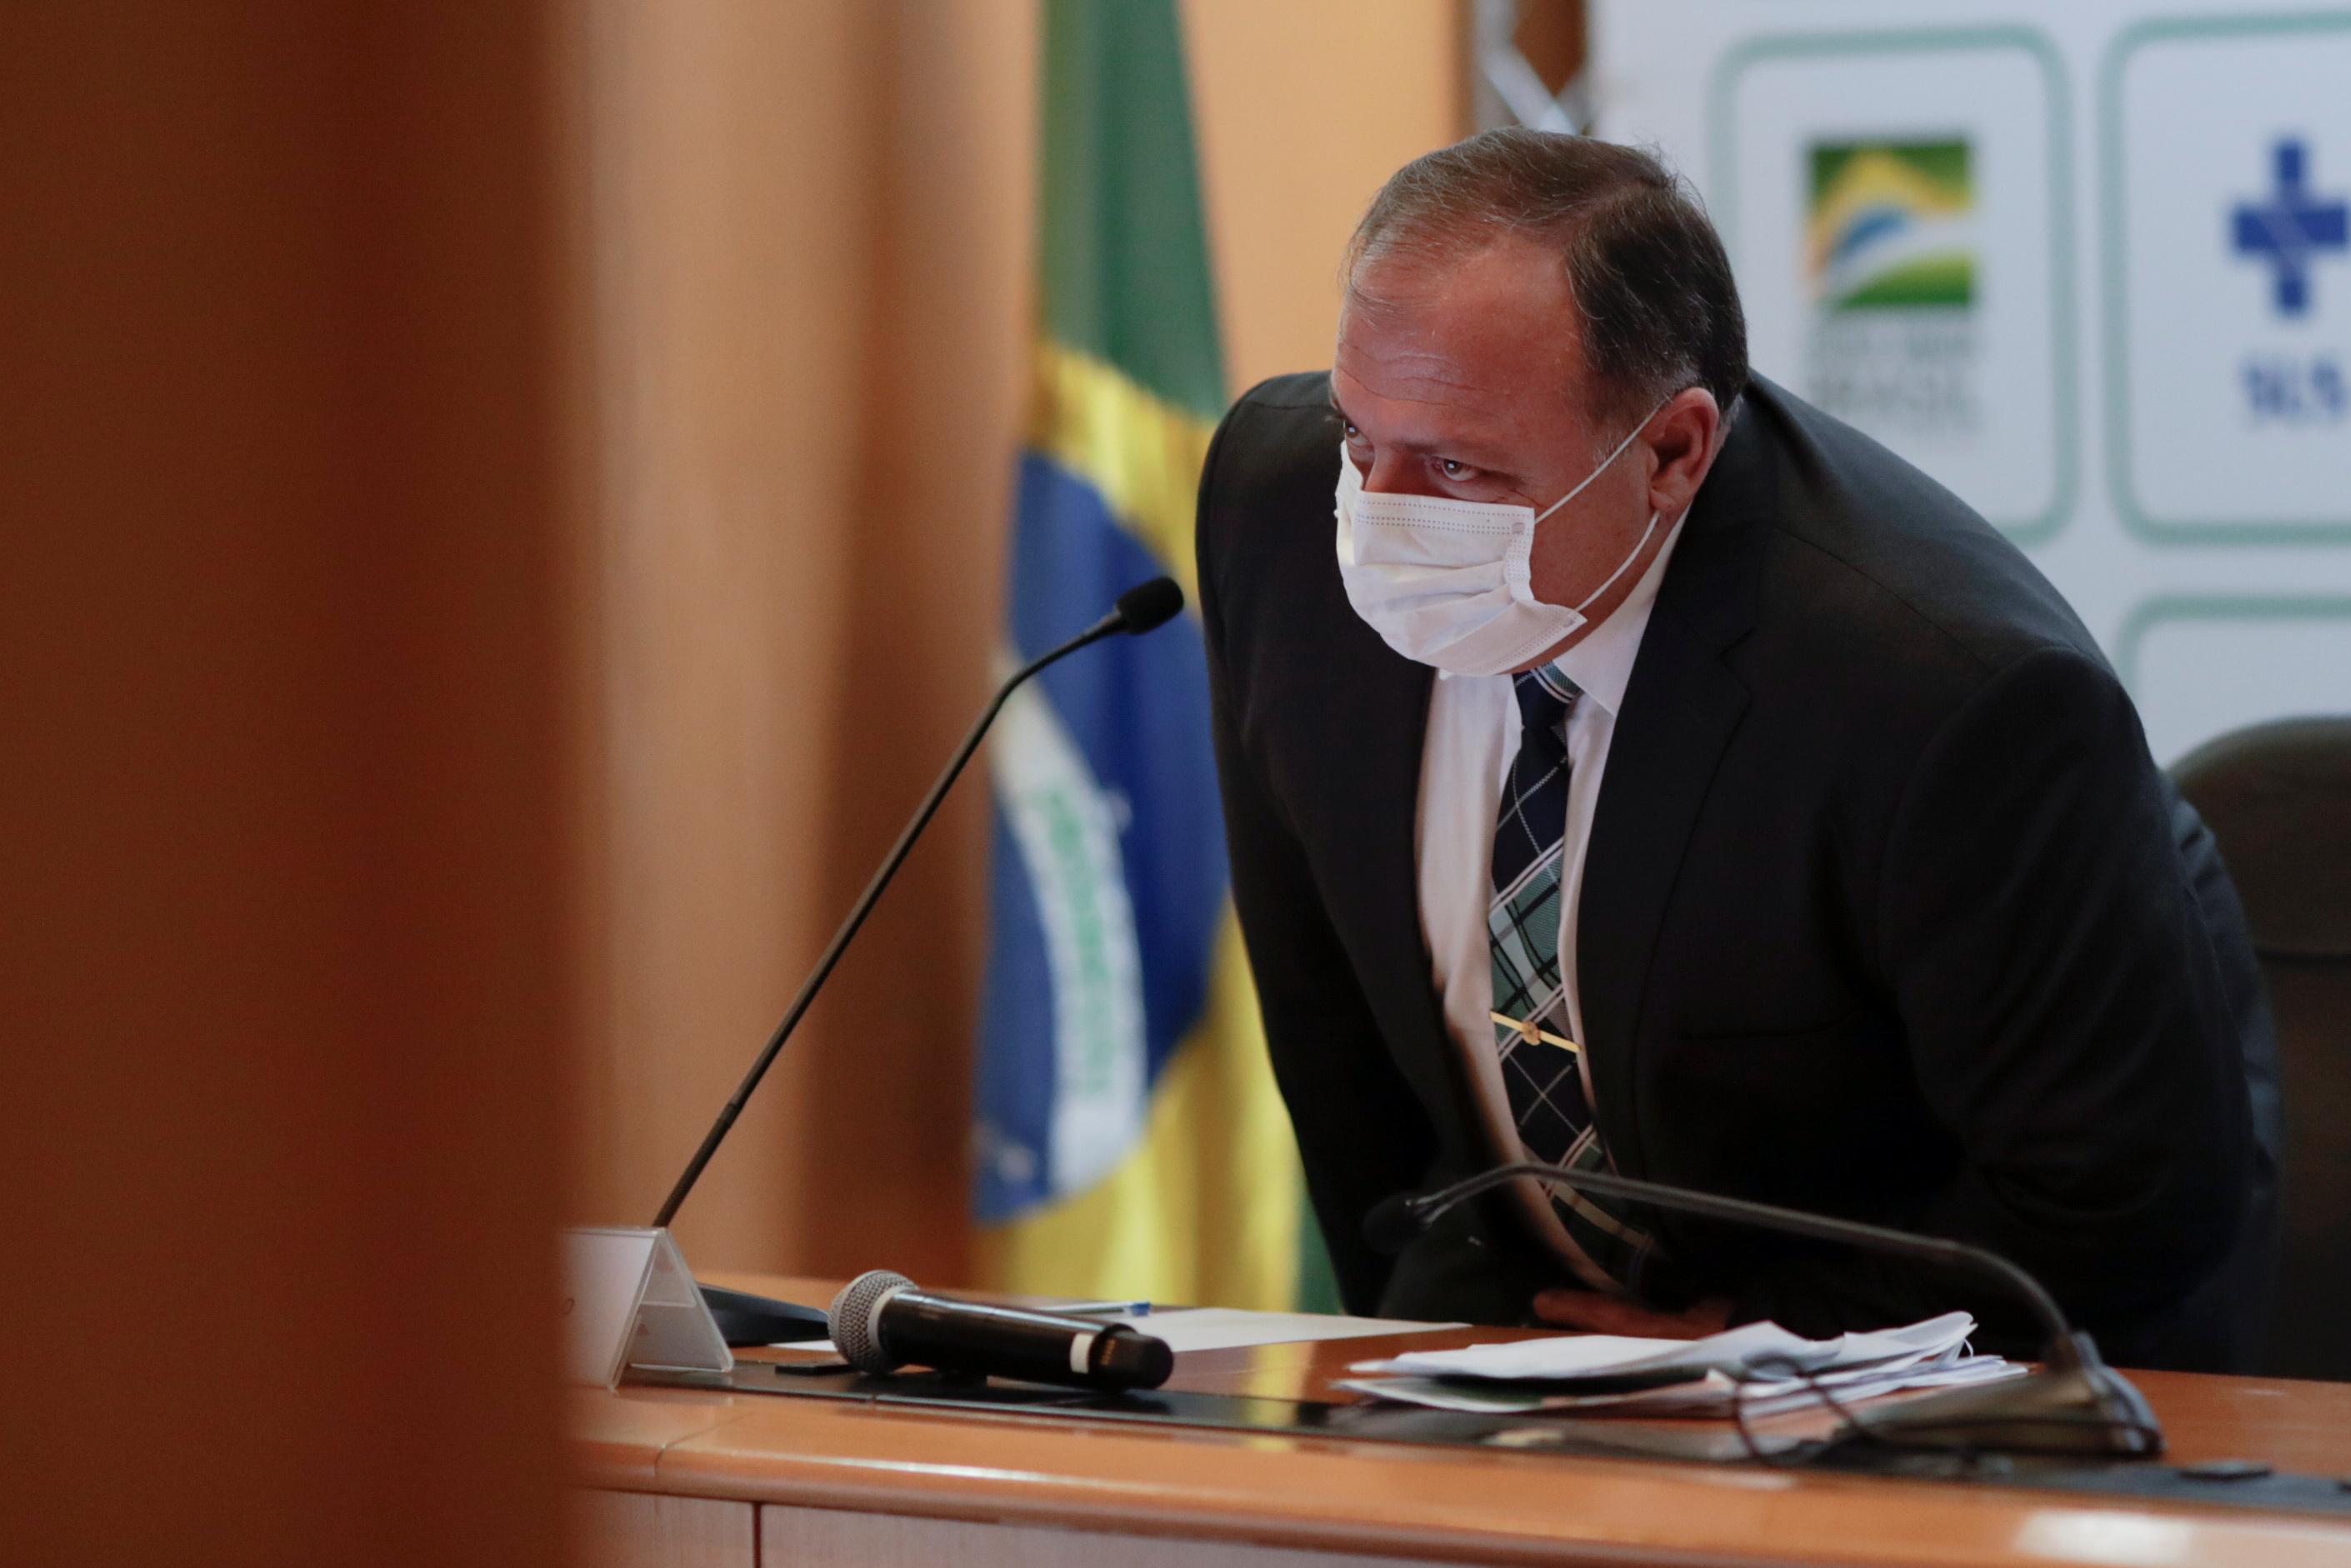 Ministro da Saúde, Eduardo Pazuello, concede entrevista coletiva em Brasília